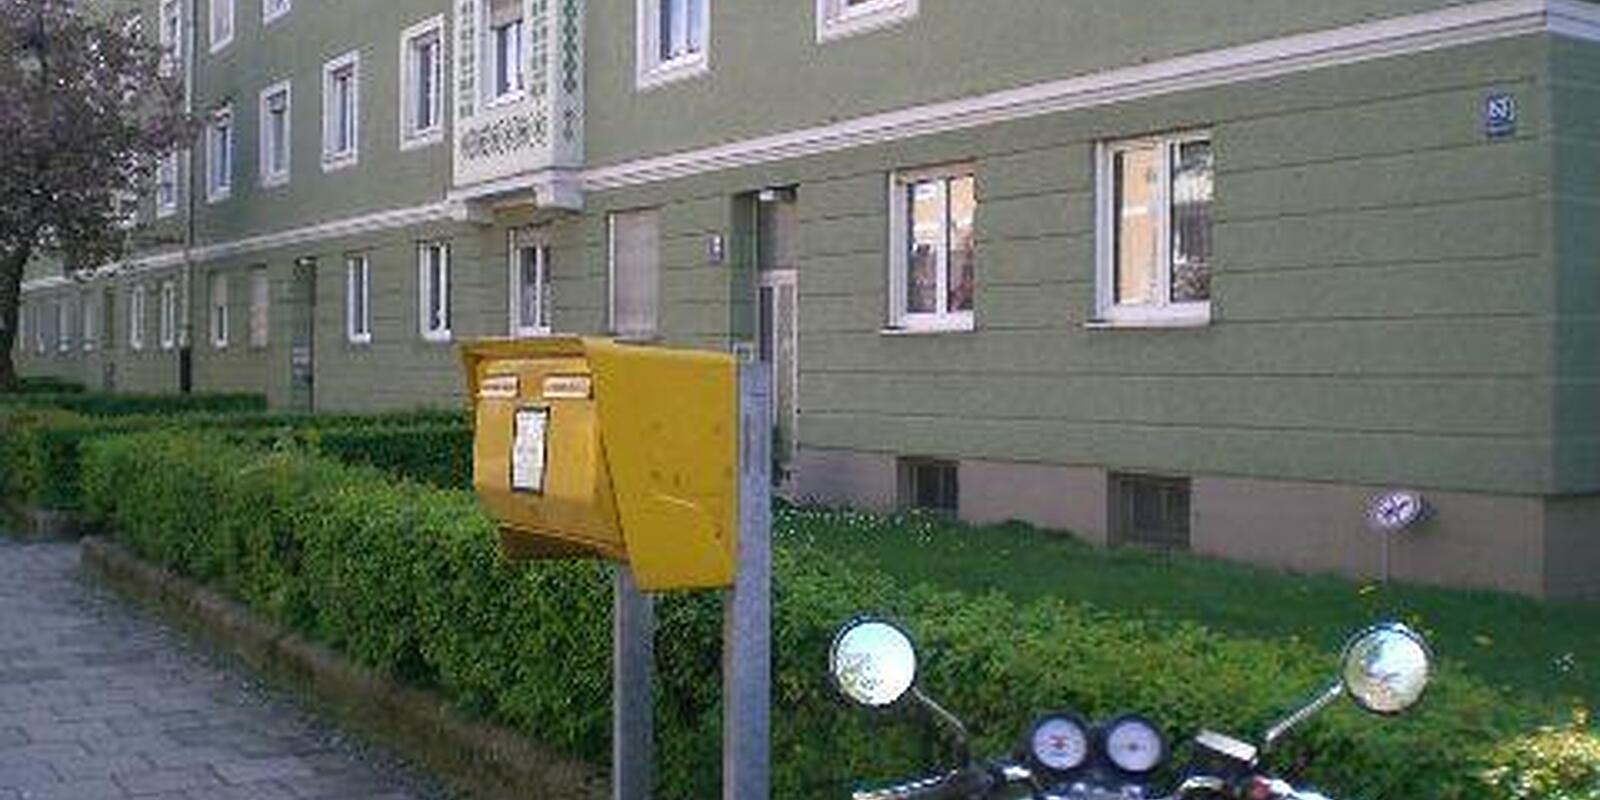 Briefkasten In Der Nähe